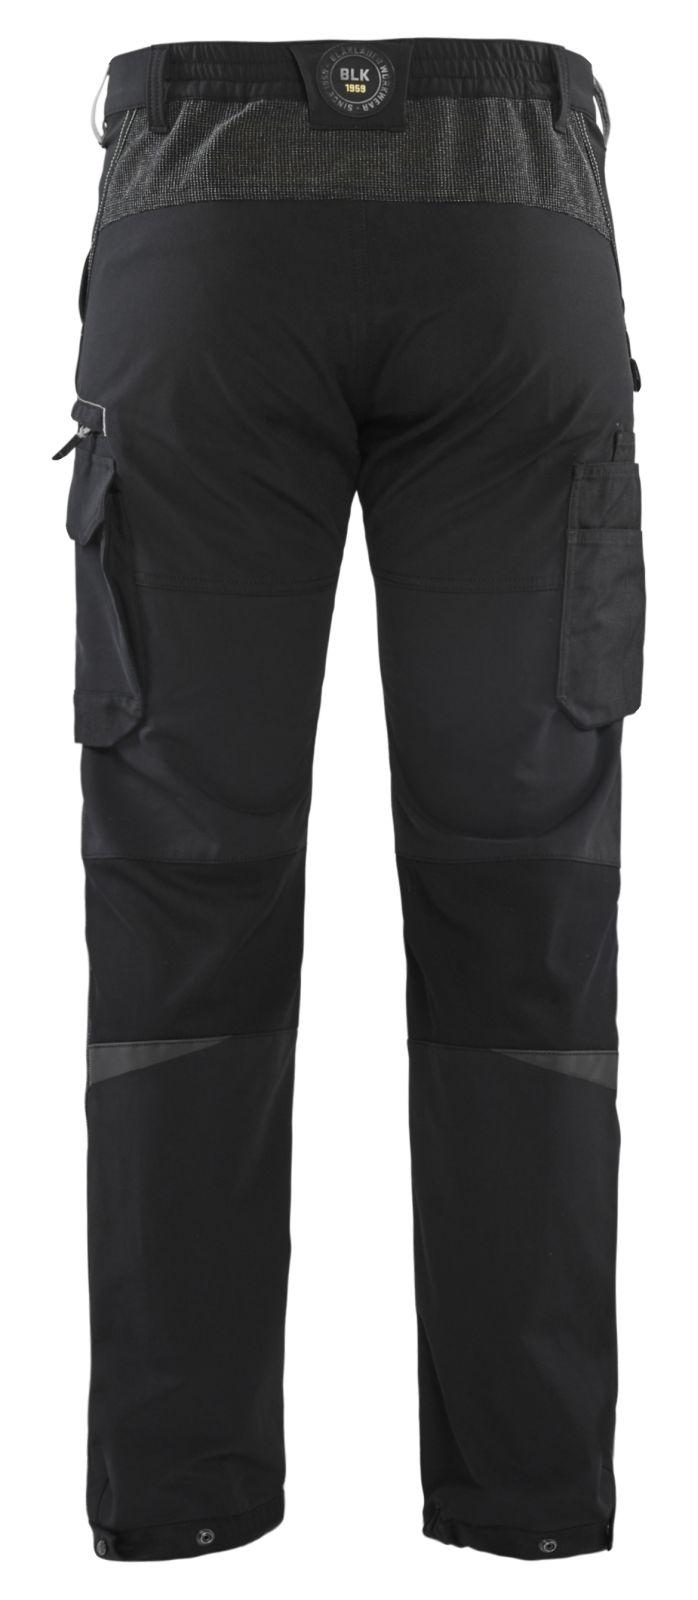 Blaklader Broeken 14221645 zwart-donkergrijs(9998)